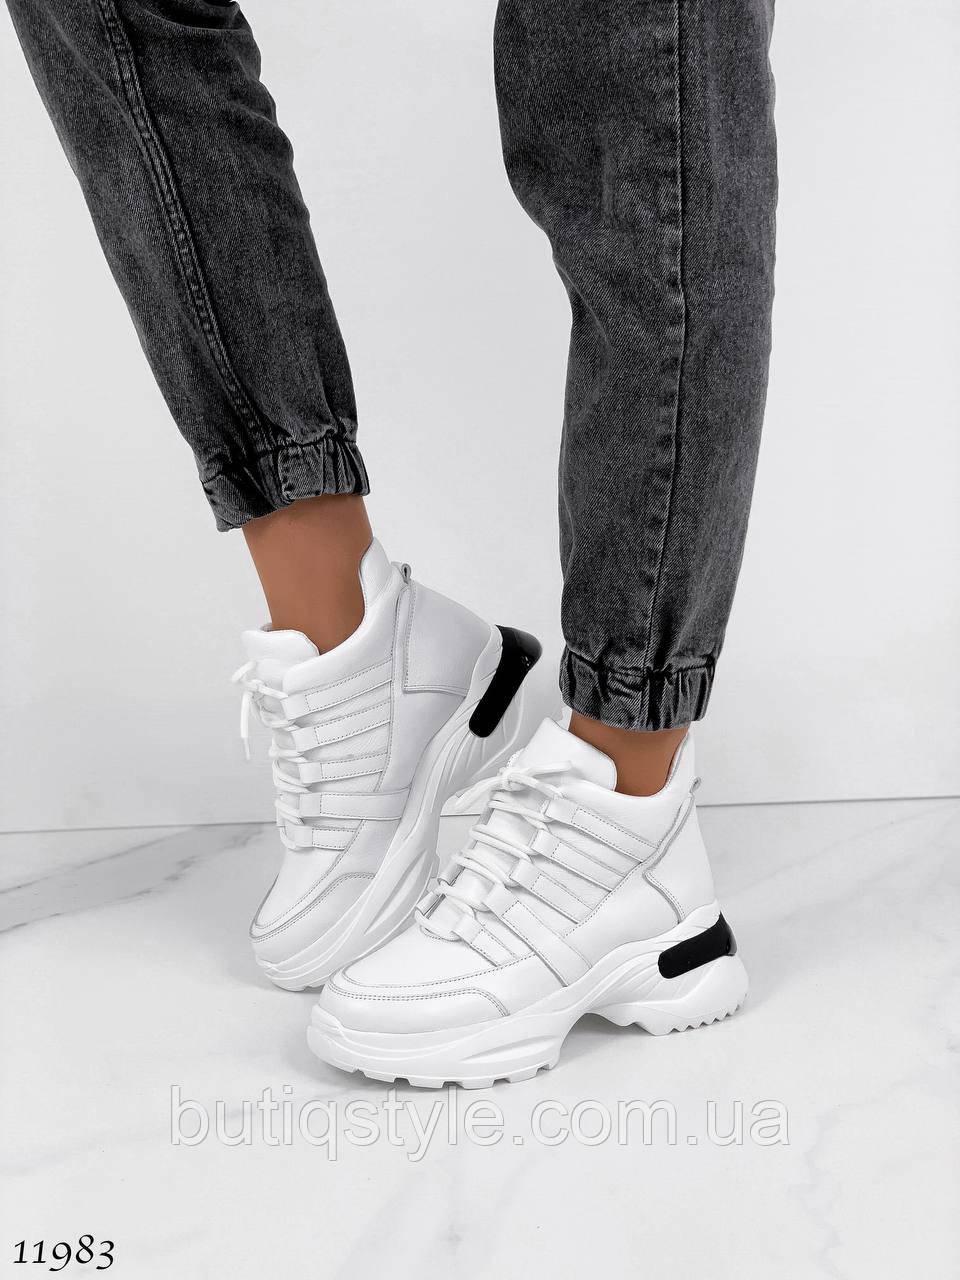 Жіночі високі білі кросівки натуральна шкіра